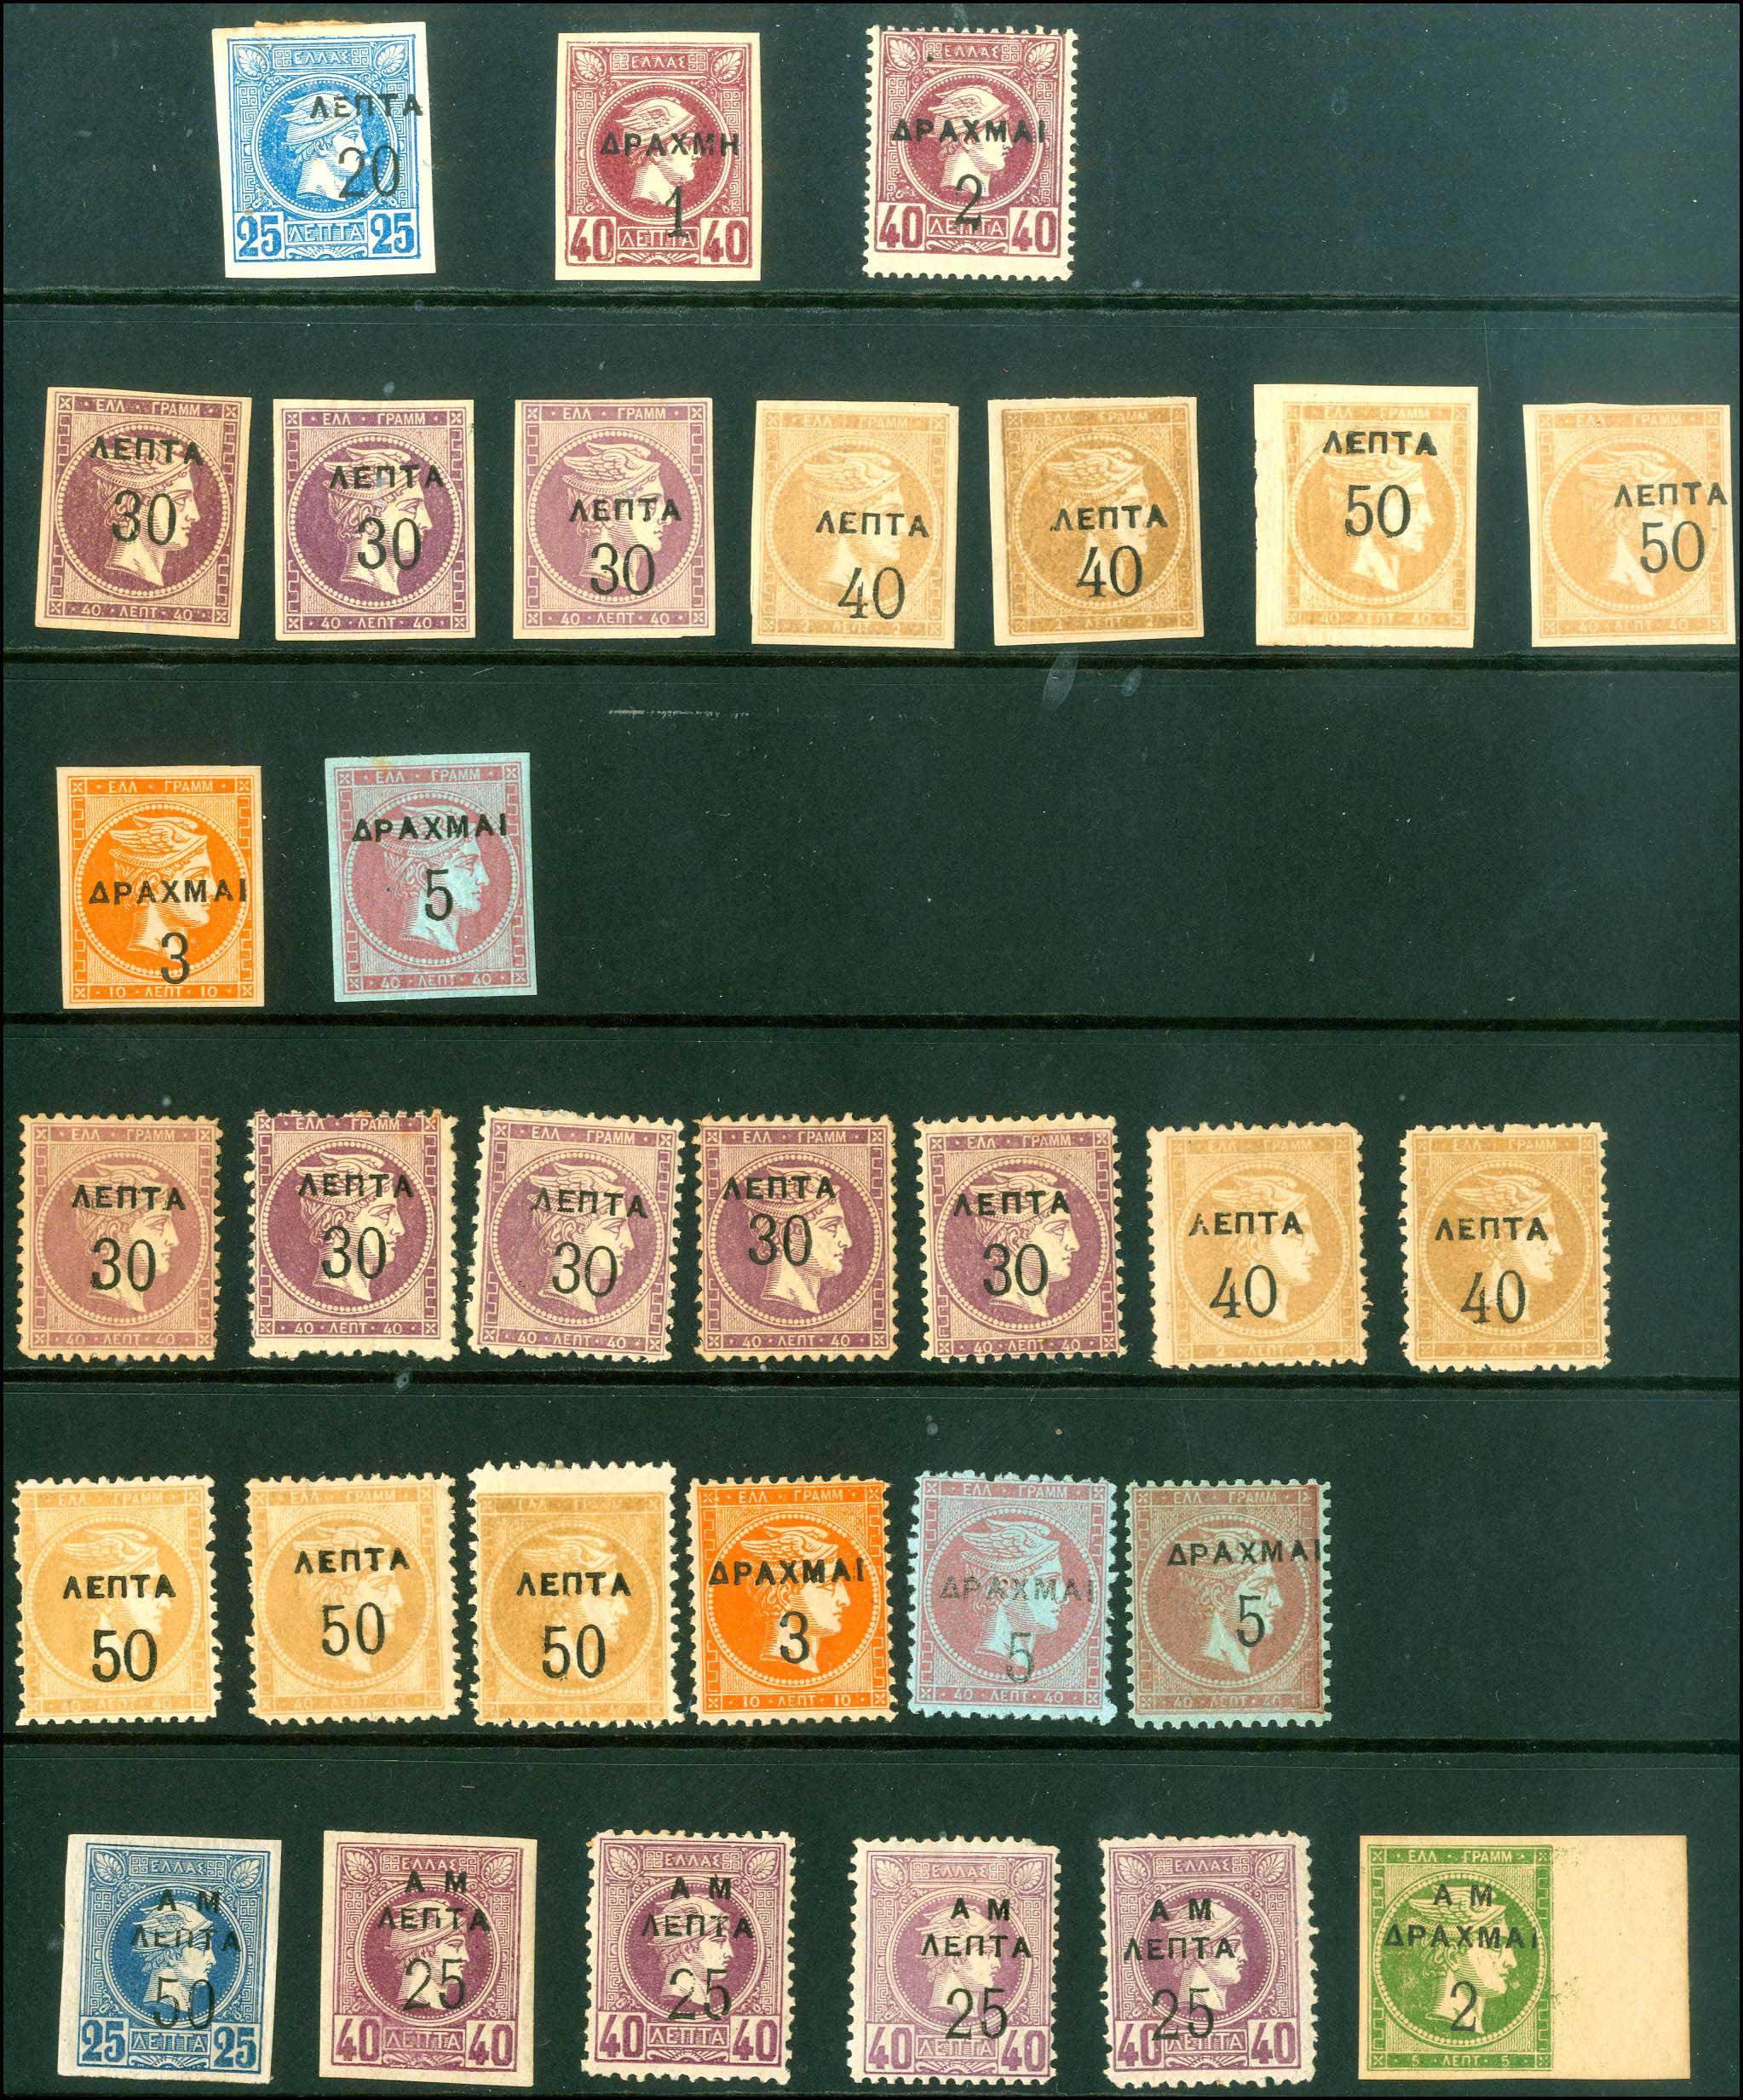 Lot 1069 - -  MISCELLANEOUS LOTS & ACCUMULATIONS MISCELLANEOUS LOTS & ACCUMULATIONS -  A. Karamitsos Postal & Live Internet Auction 681 General Philatelic Auction